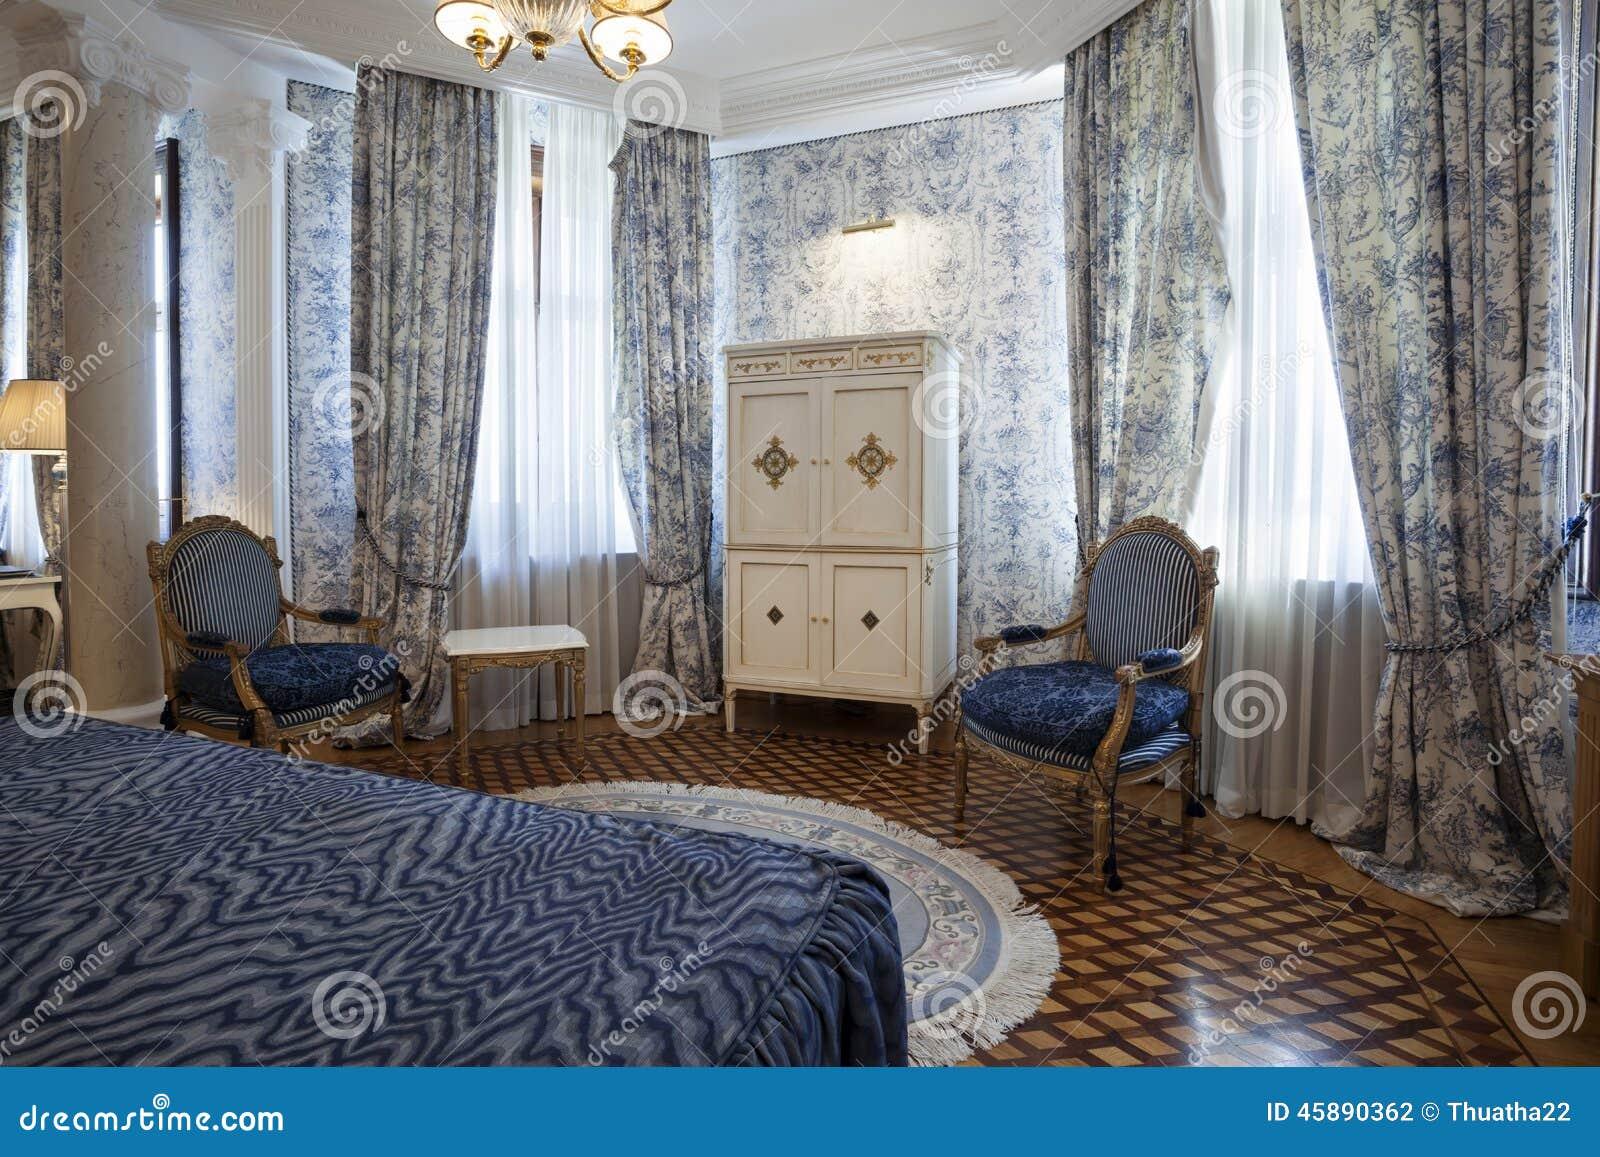 Int rieur d 39 une chambre coucher en villa de luxe photo - Description d une chambre en anglais ...